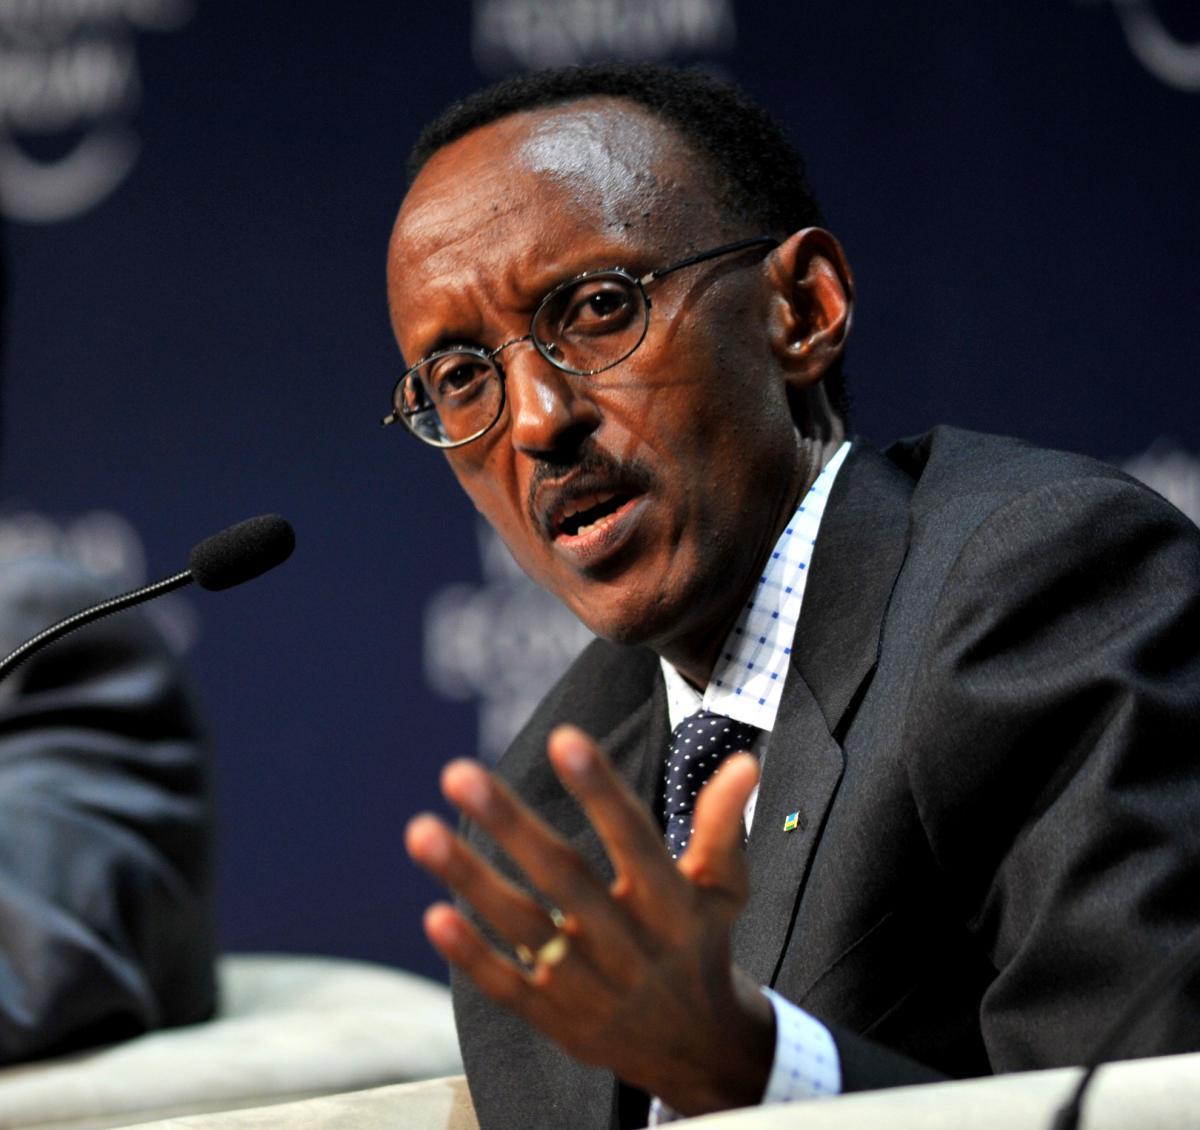 Kagame-pic-2.jpg